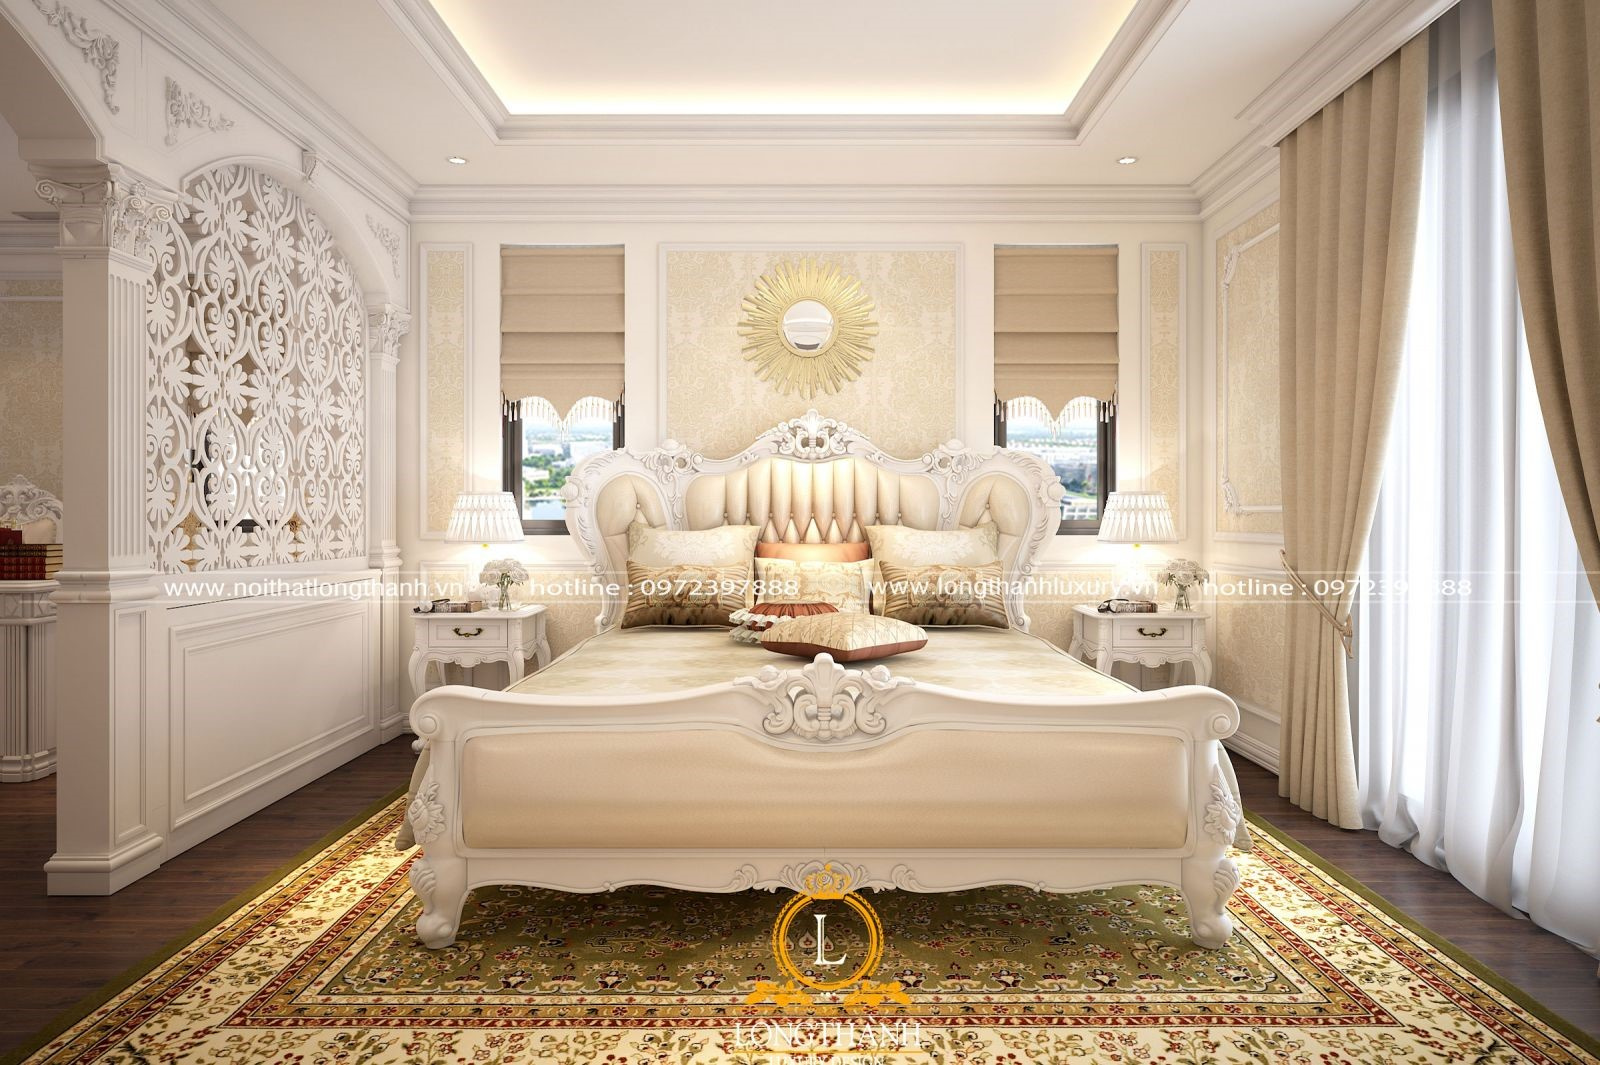 Mềm mại, quyến rũ cùng phòng ngủ tân cổ điển biệt thự